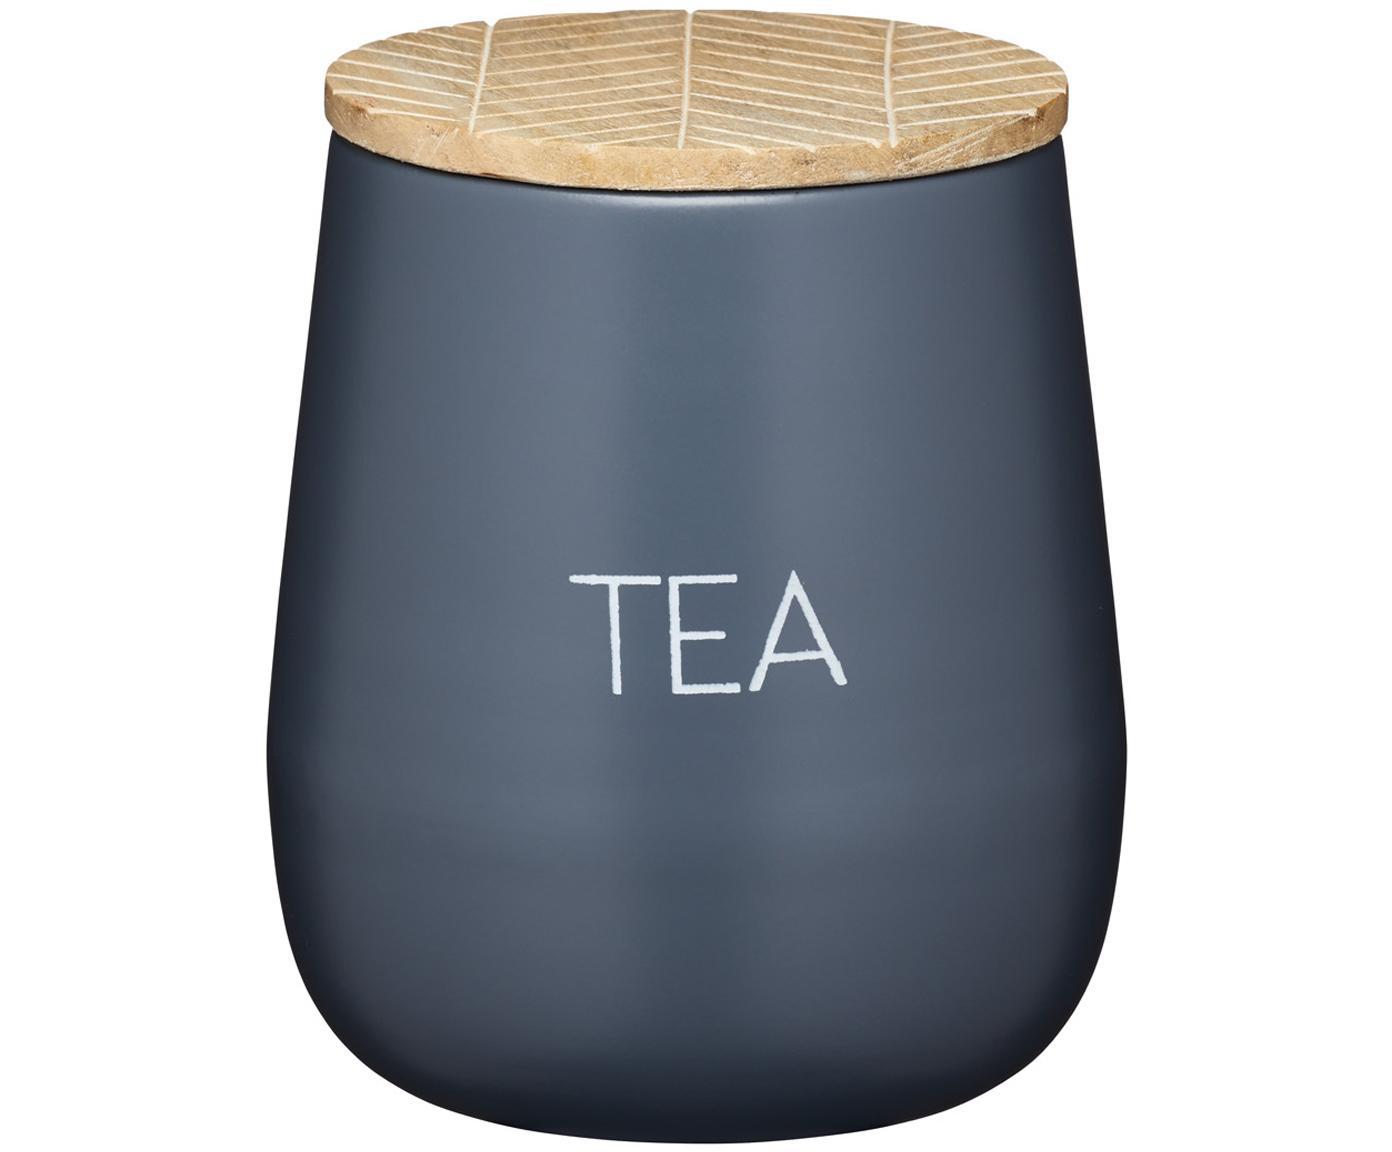 Contenitore Serenity Tea, Acciaio, legno, Antracite, legno, Ø 13 x Alt. 9 cm